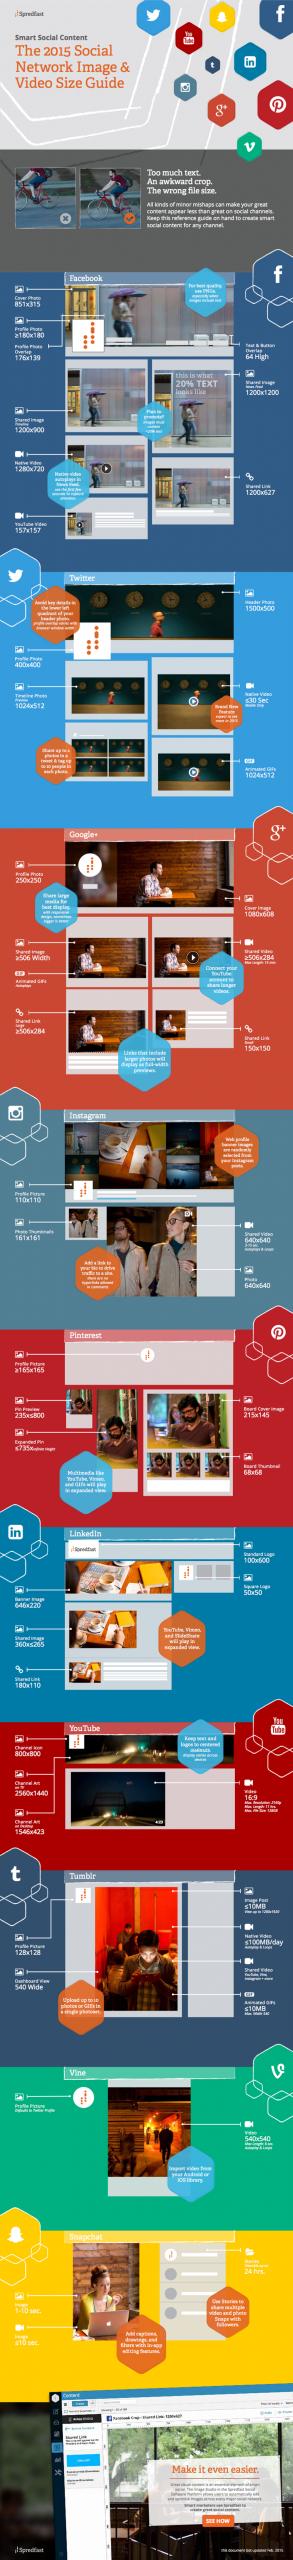 Dimensiunile optime de poze și video pentru social media